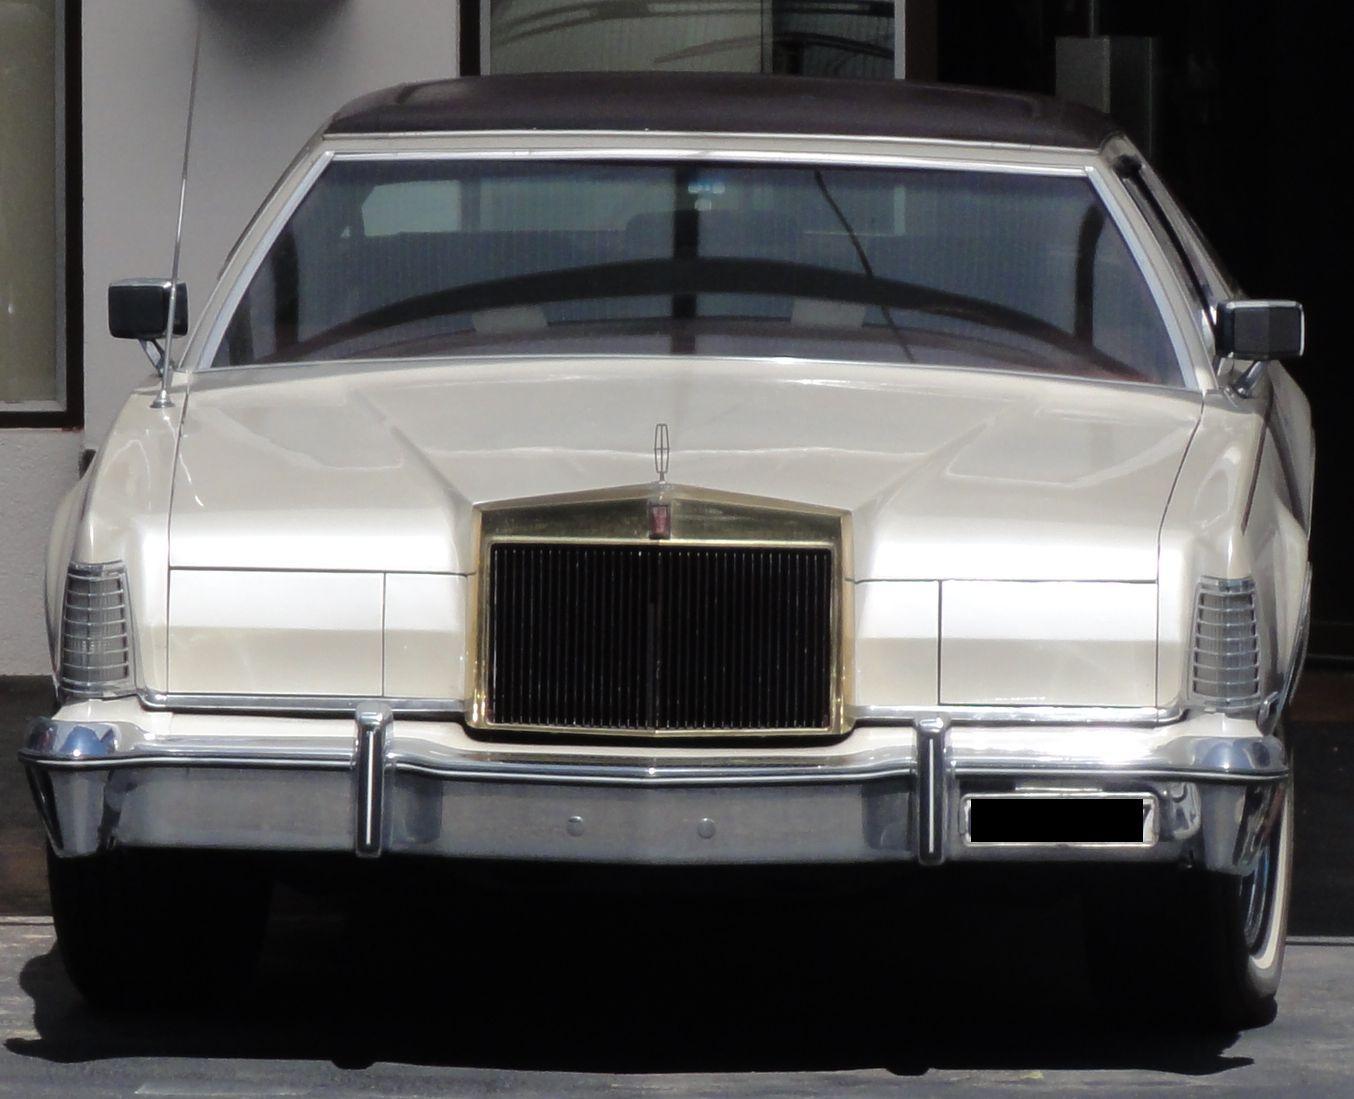 autoalmanach les rubriques voiture de luxe limousine site officiel d 39 autoalmanach album de. Black Bedroom Furniture Sets. Home Design Ideas